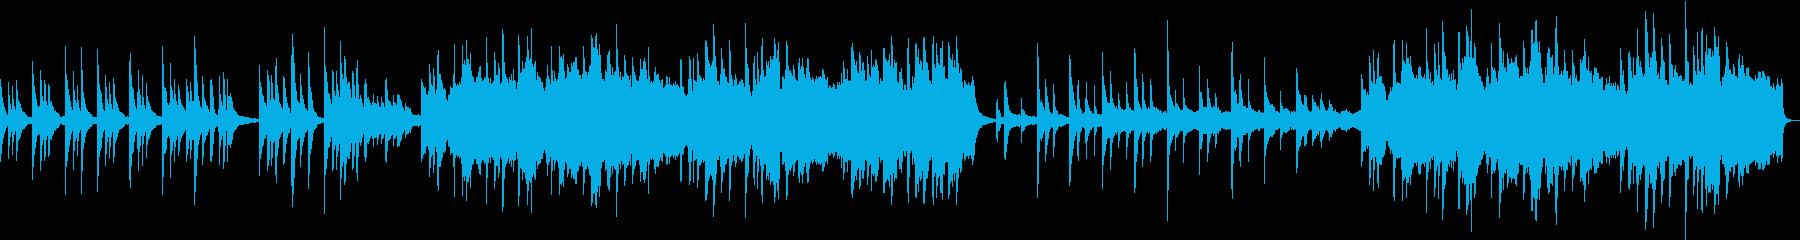 悲壮感が必要なシーン向けピアノ+弦の曲の再生済みの波形